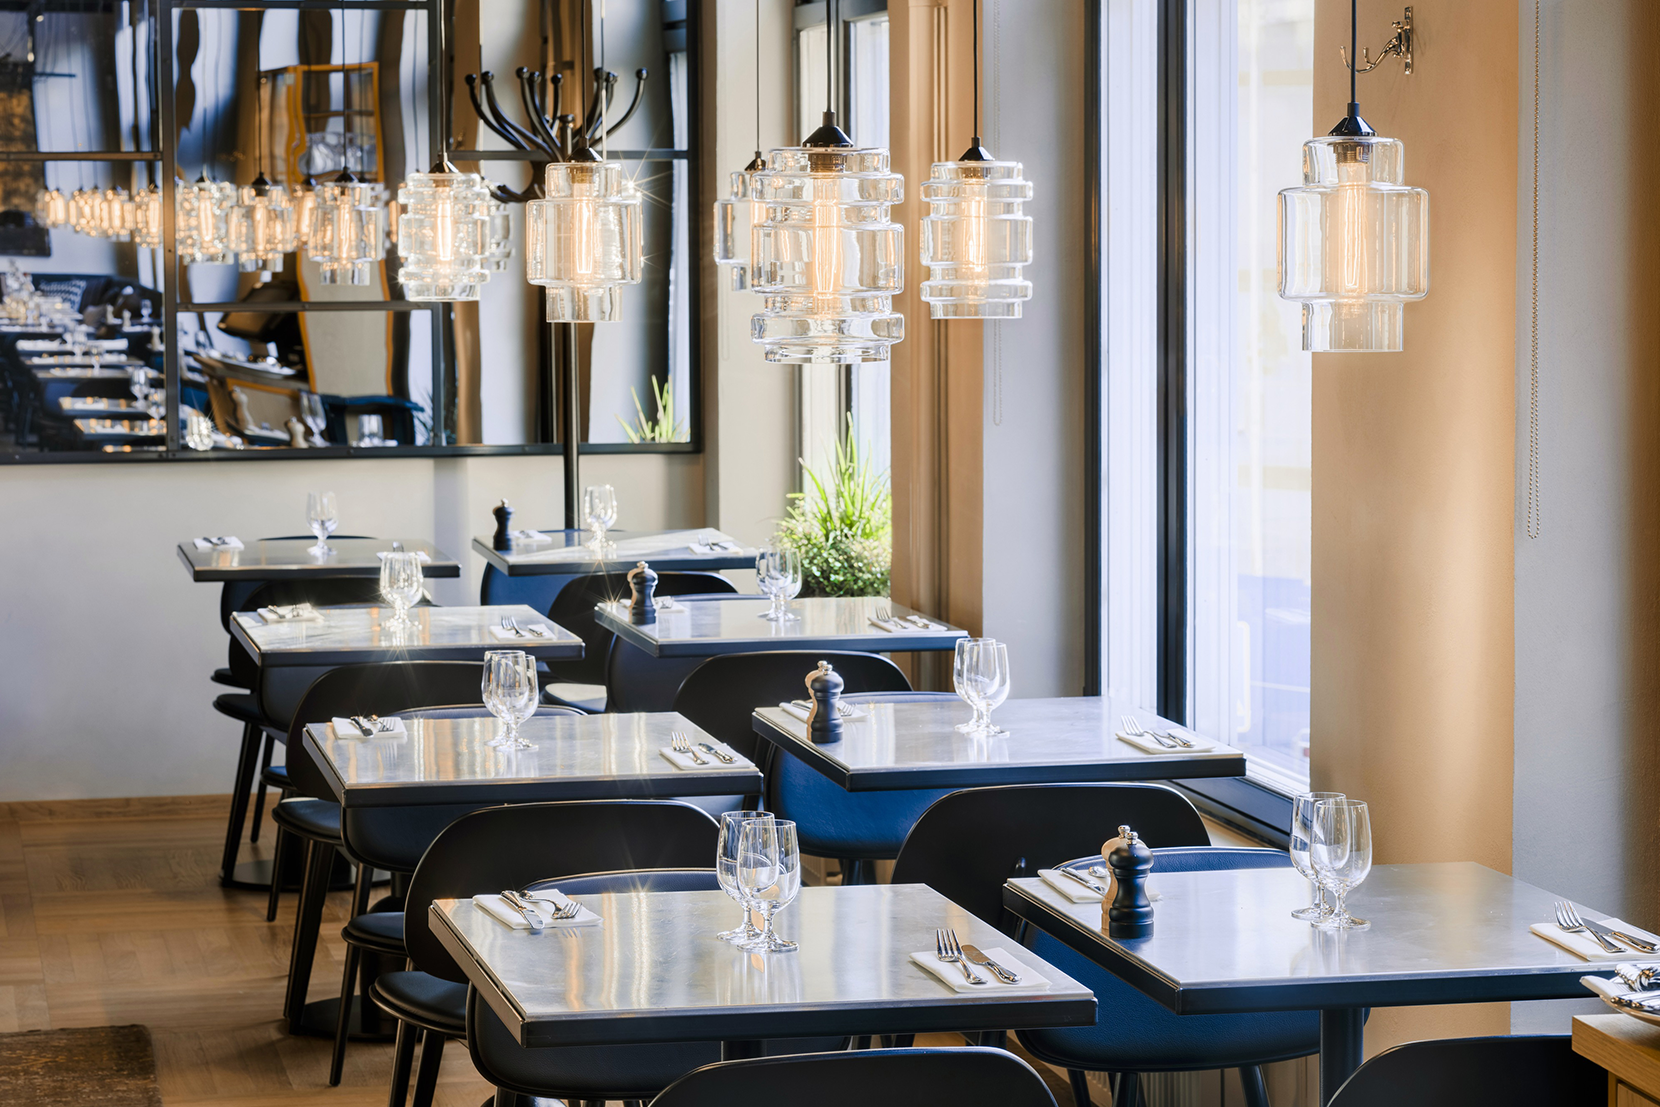 Modern Glass Restaurant Lighting - Crystalline Pendant Lights